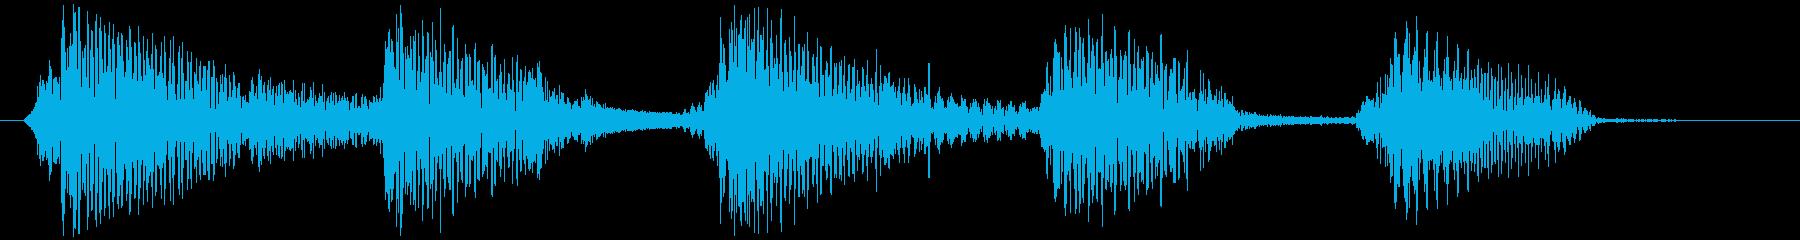 ウクレレ&ギターほのぼのサウンドロゴの再生済みの波形